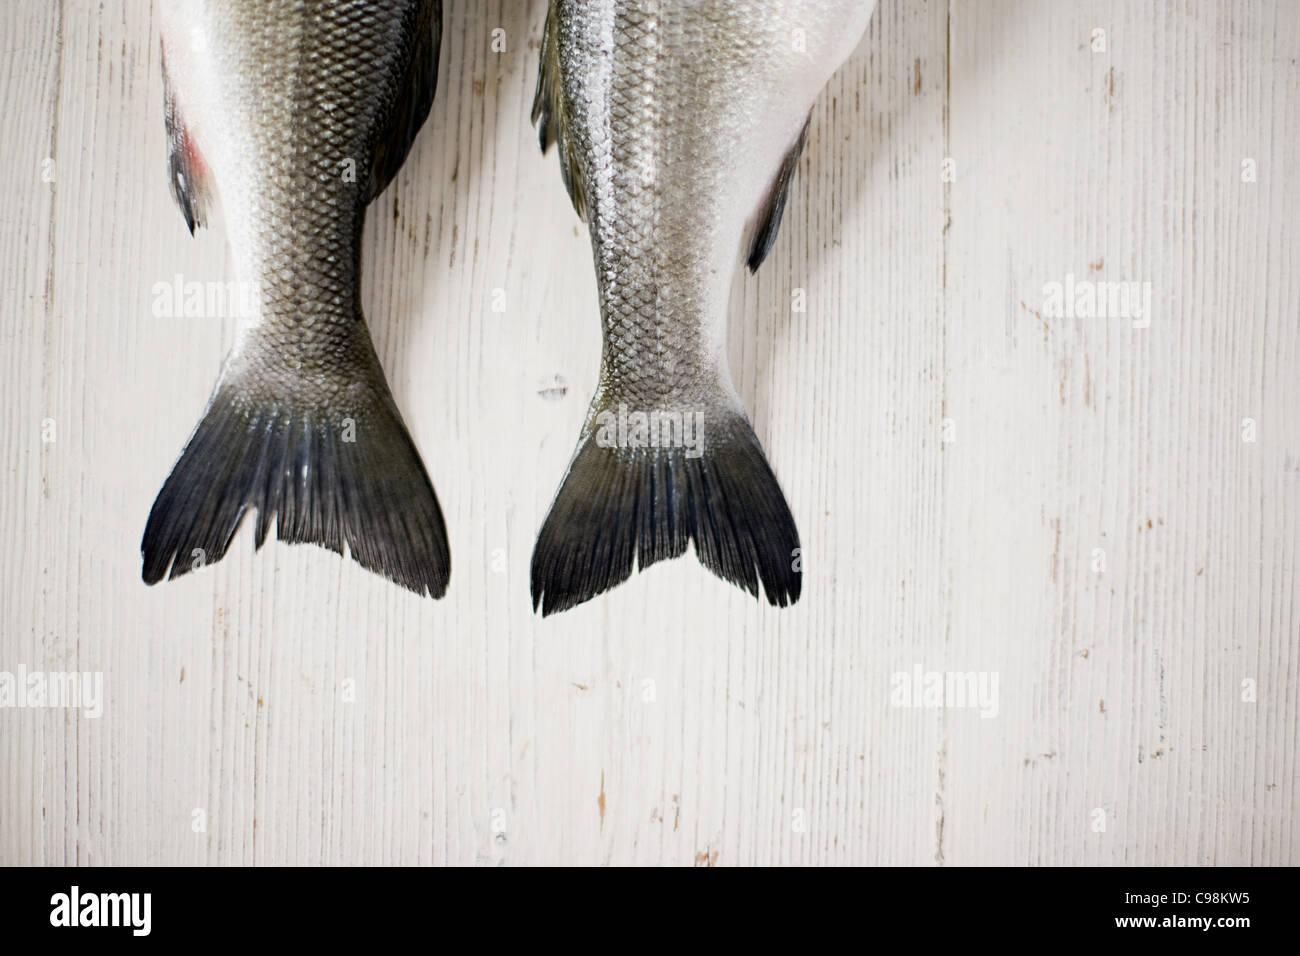 Les queues des deux poissons côte à côte Photo Stock